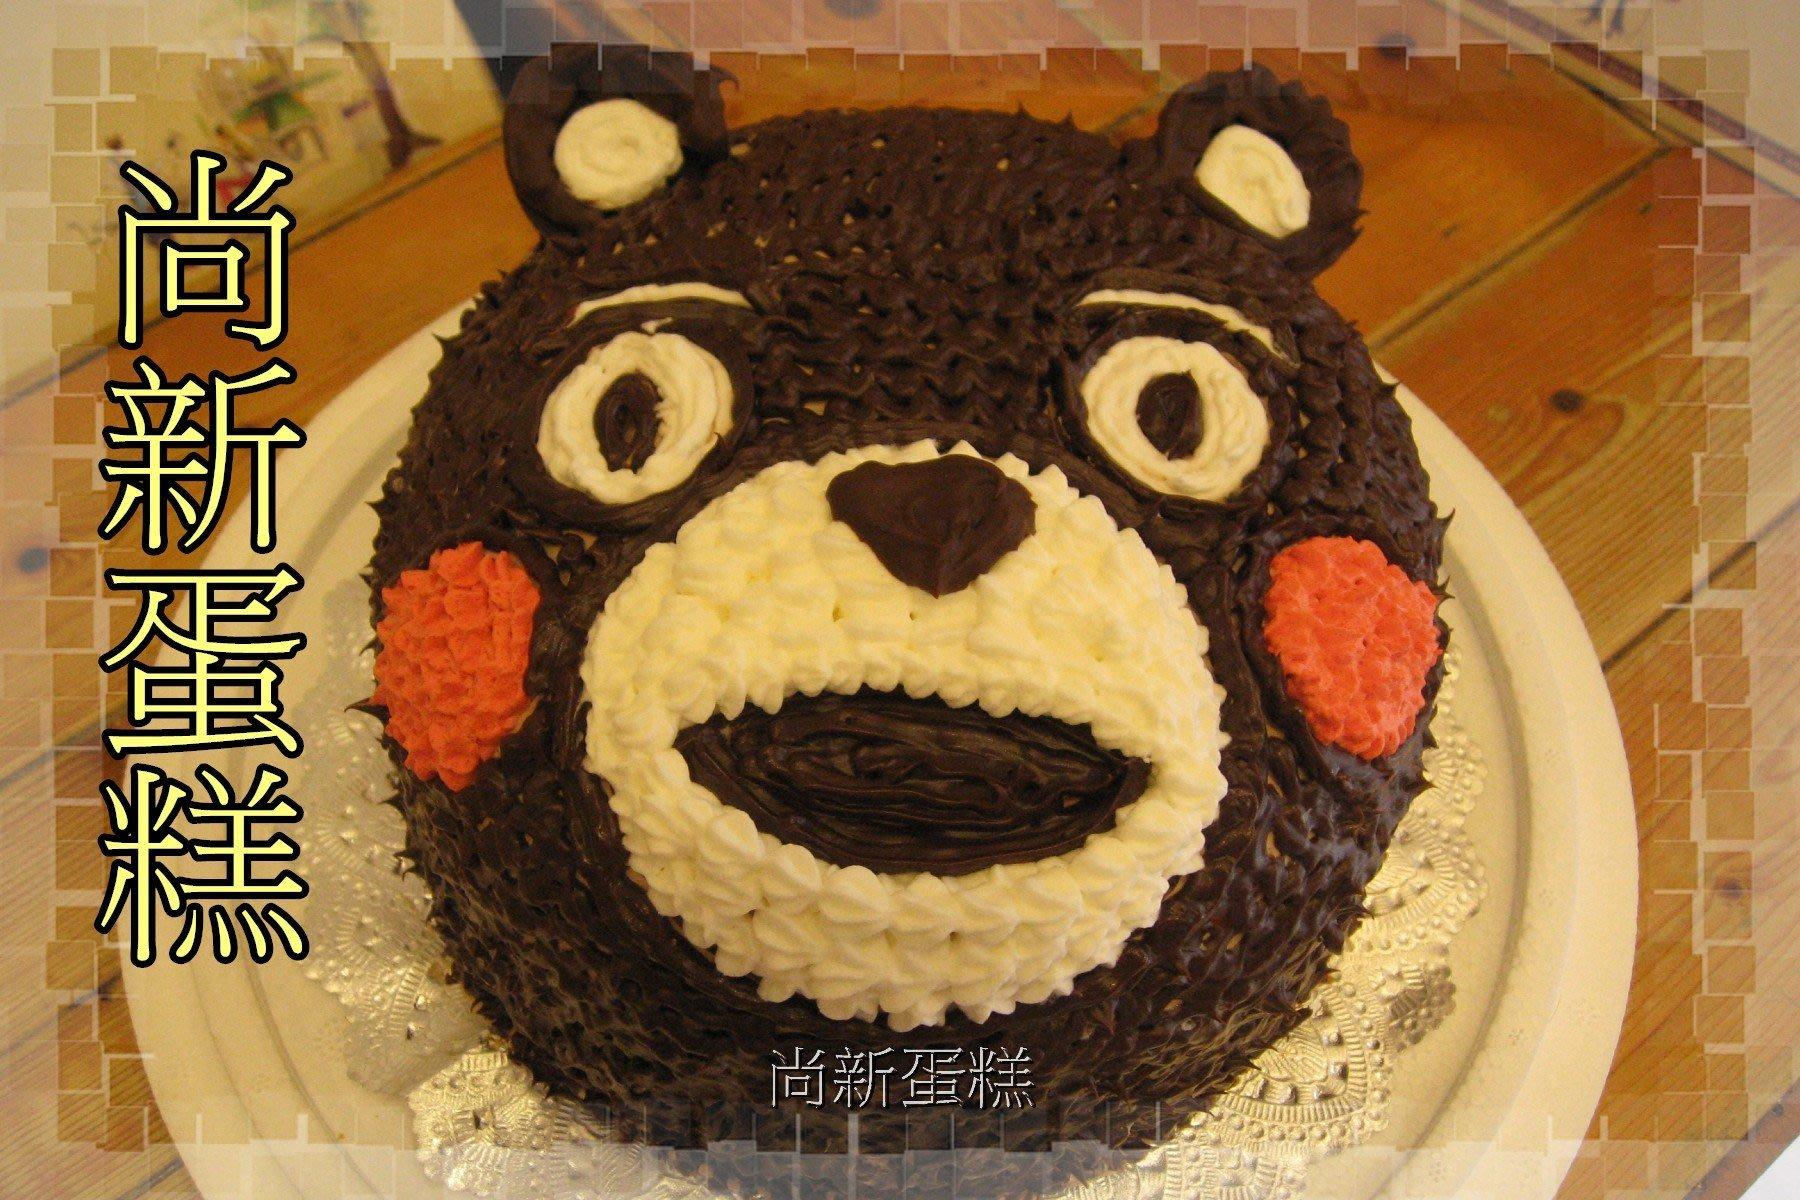 ☆尚新蛋糕☆低糖 6吋 Kumamon 熊本熊 造型蛋糕 生日蛋糕 投保產品責任險 最安心